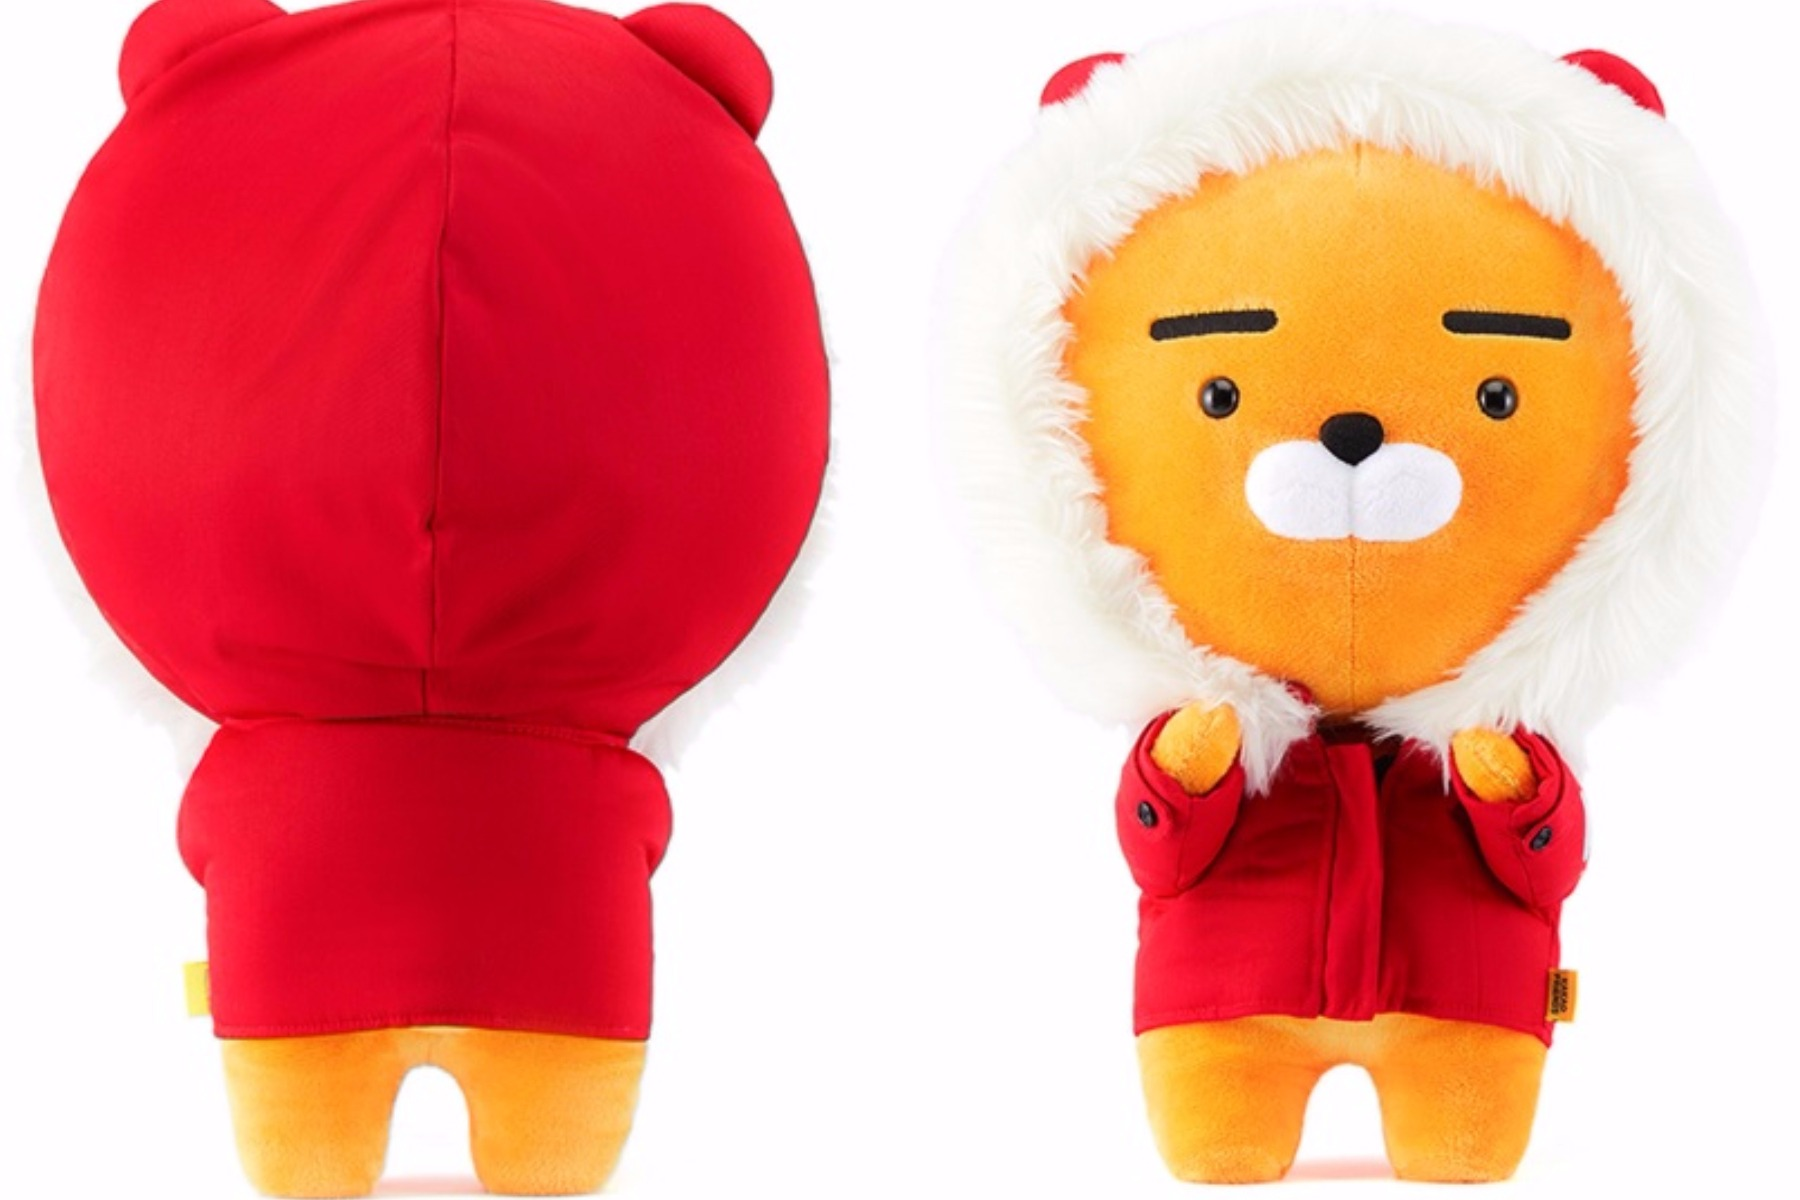 今年的聖誕節更推出限定版Ryan~~會不會太犯規.........超萌啦... 價錢 : 59000韓幣 (約台幣1640元)